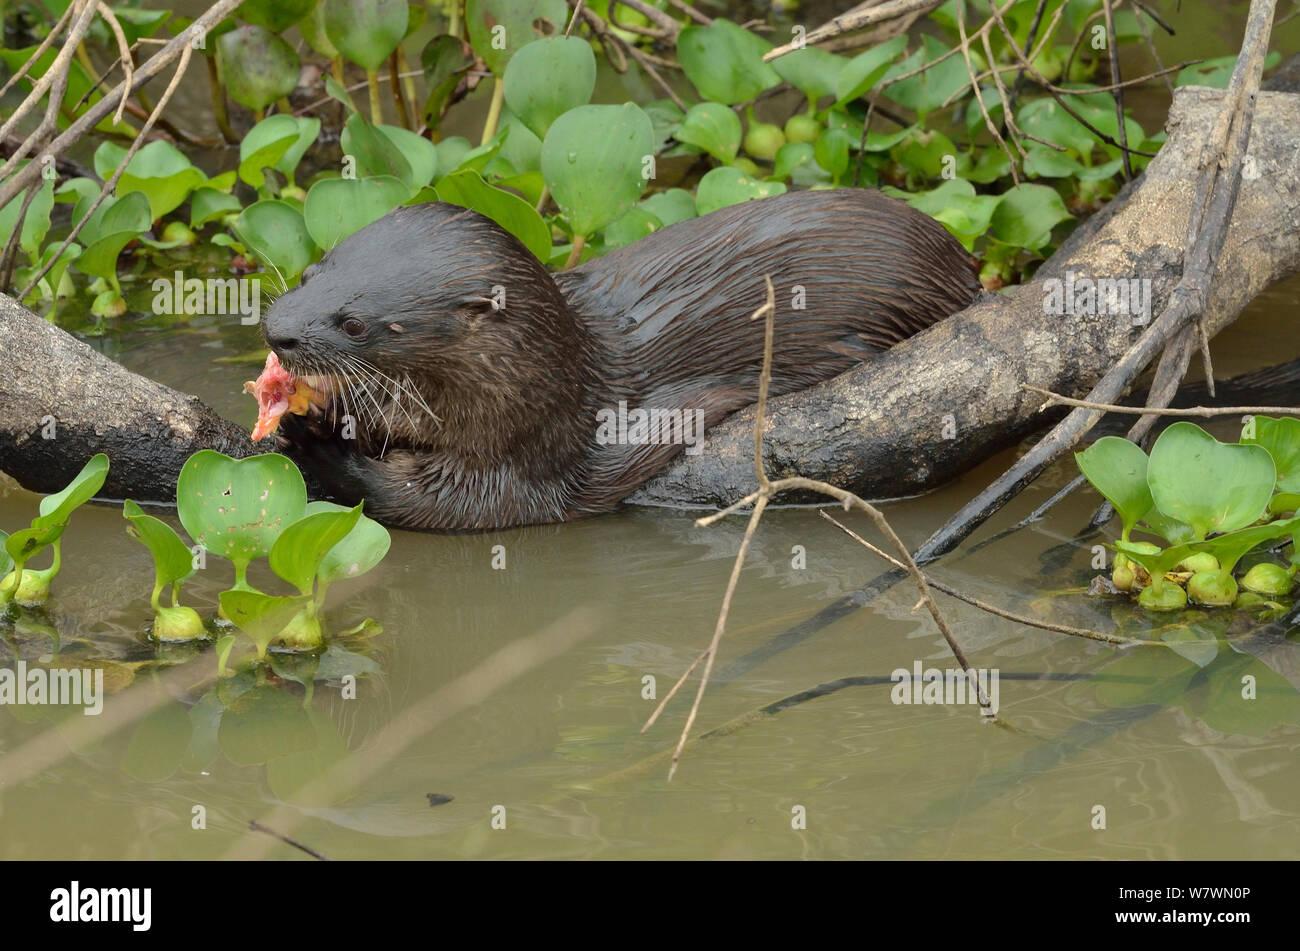 Neotropical loutre de rivière (Lontra longicaudis) manger un poisson, Pantanal, Mato Grosso, l'ouest du Brésil. Banque D'Images